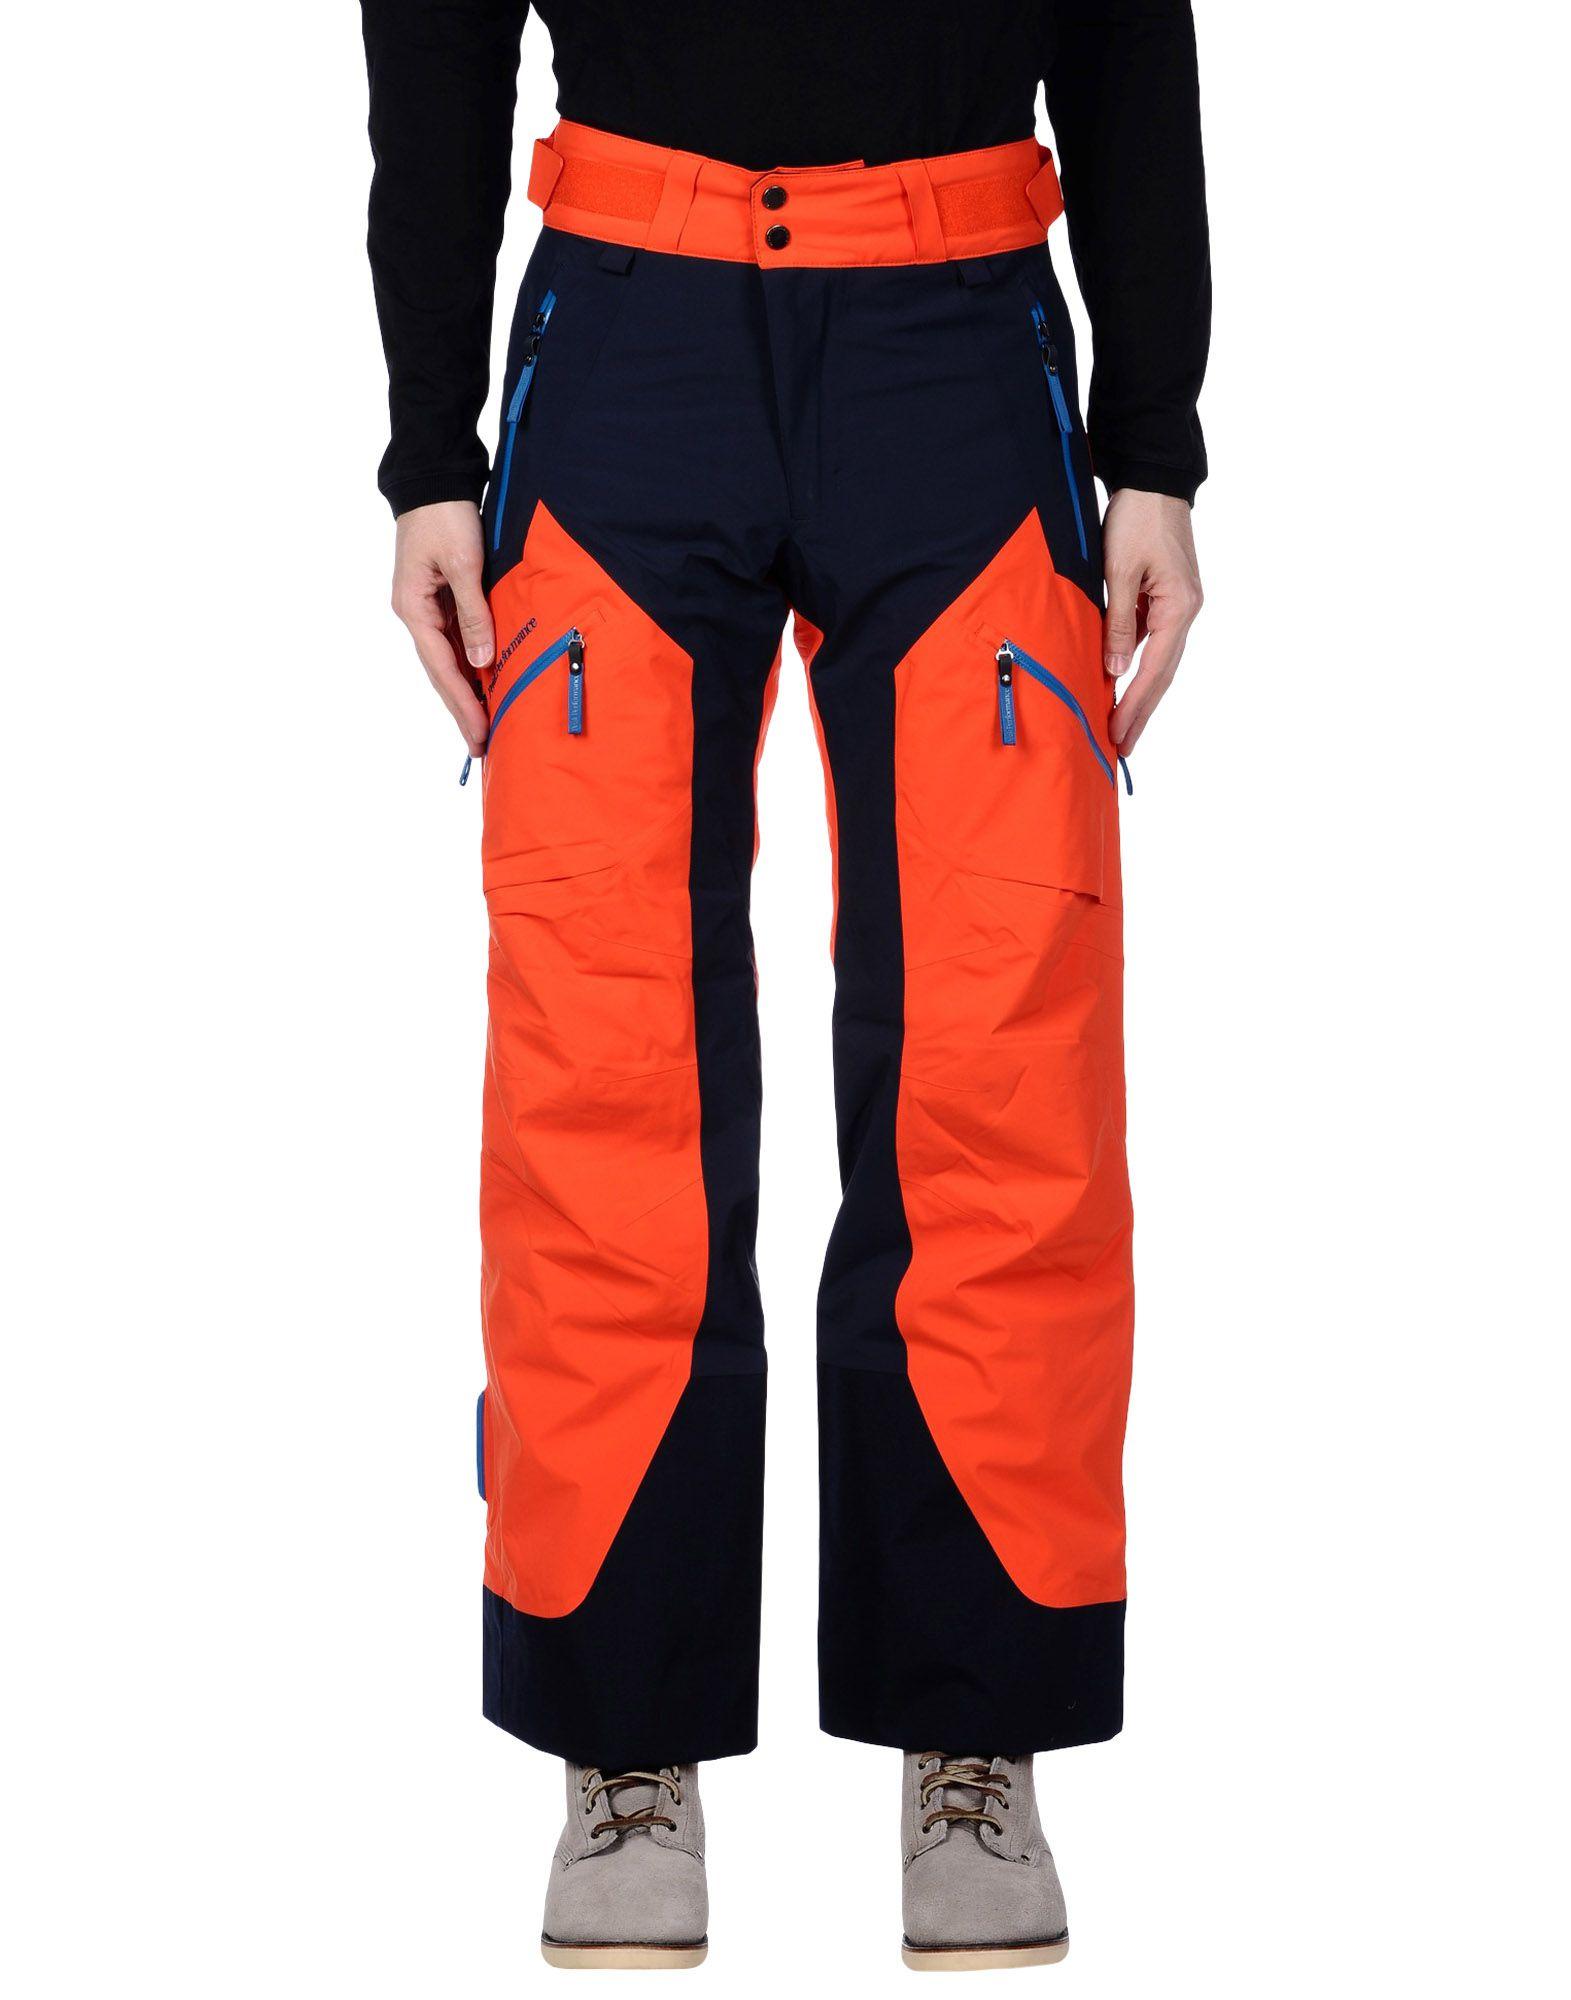 PEAK PERFORMANCE Ski Pants